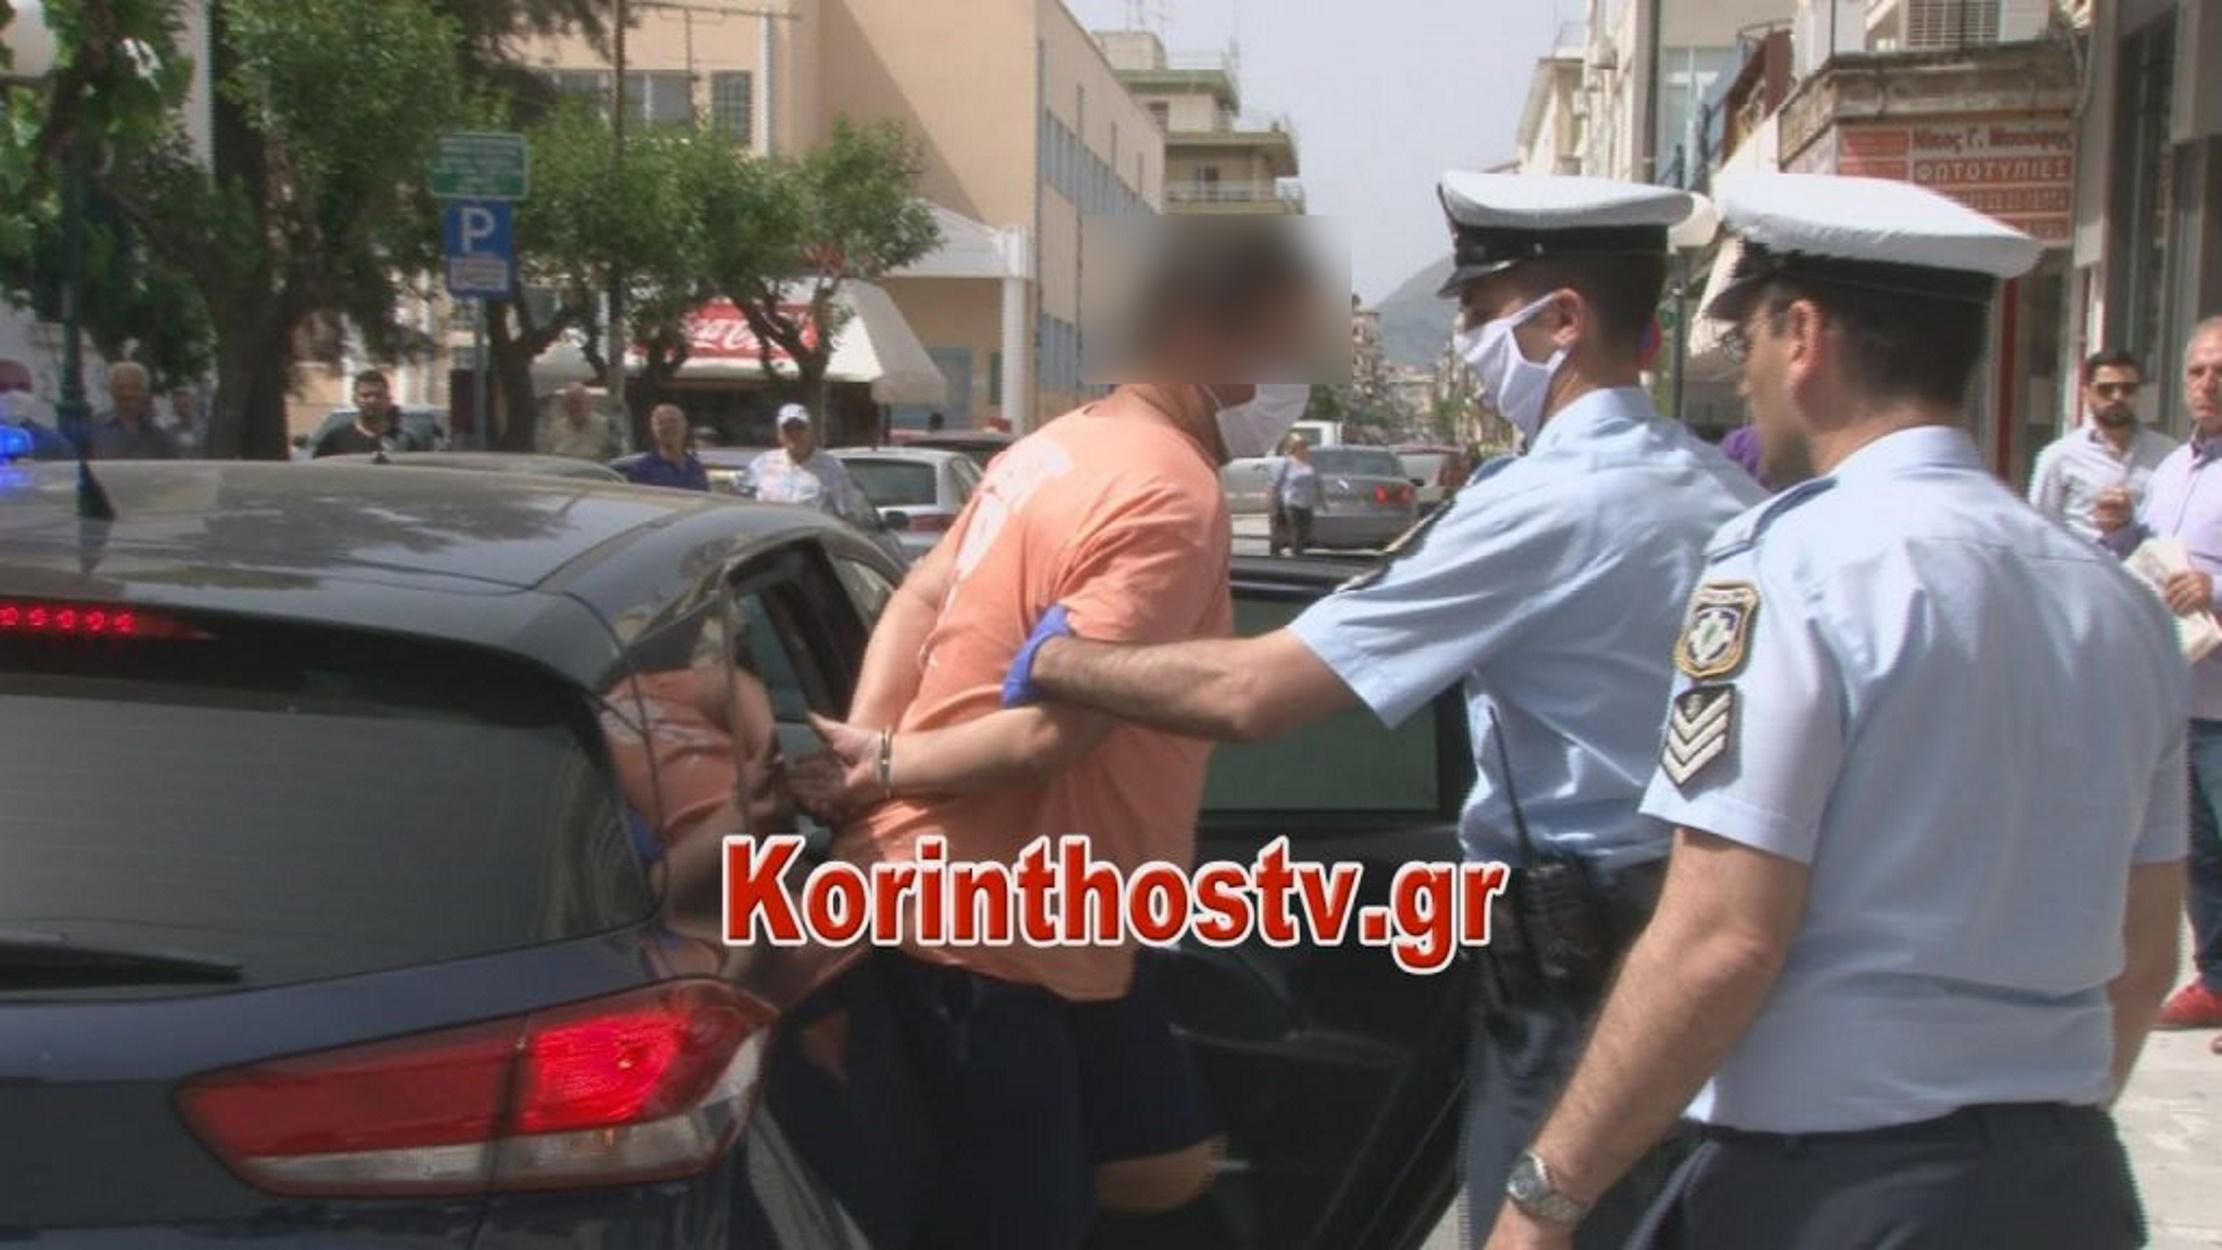 Κόρινθος: Στον ανακριτή ο 53χρονος οδηγός που σκότωσε τον 15χρονο μπροστά στα μάτια της μητέρας του (pics, video)